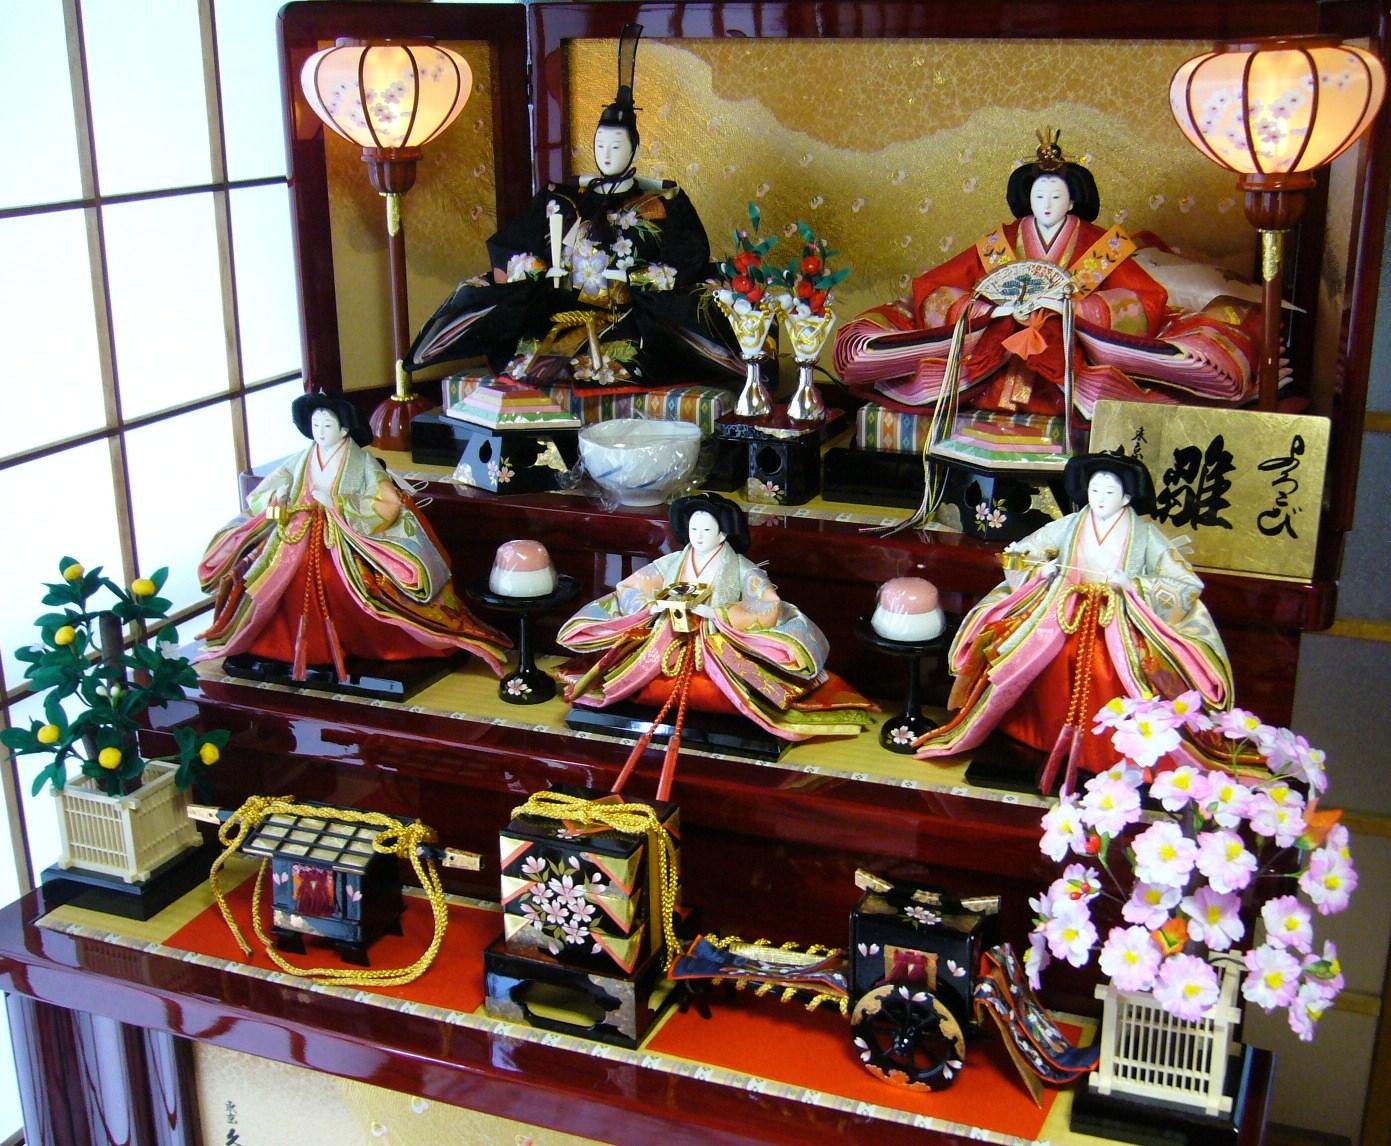 Jellyfish HR,nhật bản trong tôi,sự khác biệt về văn hóa vùng miền,điểm khác biệt văn hóa vùng miền trong nước Nhật,khác biệt ngôn ngữ,giọng vùng Kansai,Vùng Kantou,Vùng Kansai,Lễ hội búp bê,sự khác nhau về phong tục và văn hóa của từng vùng